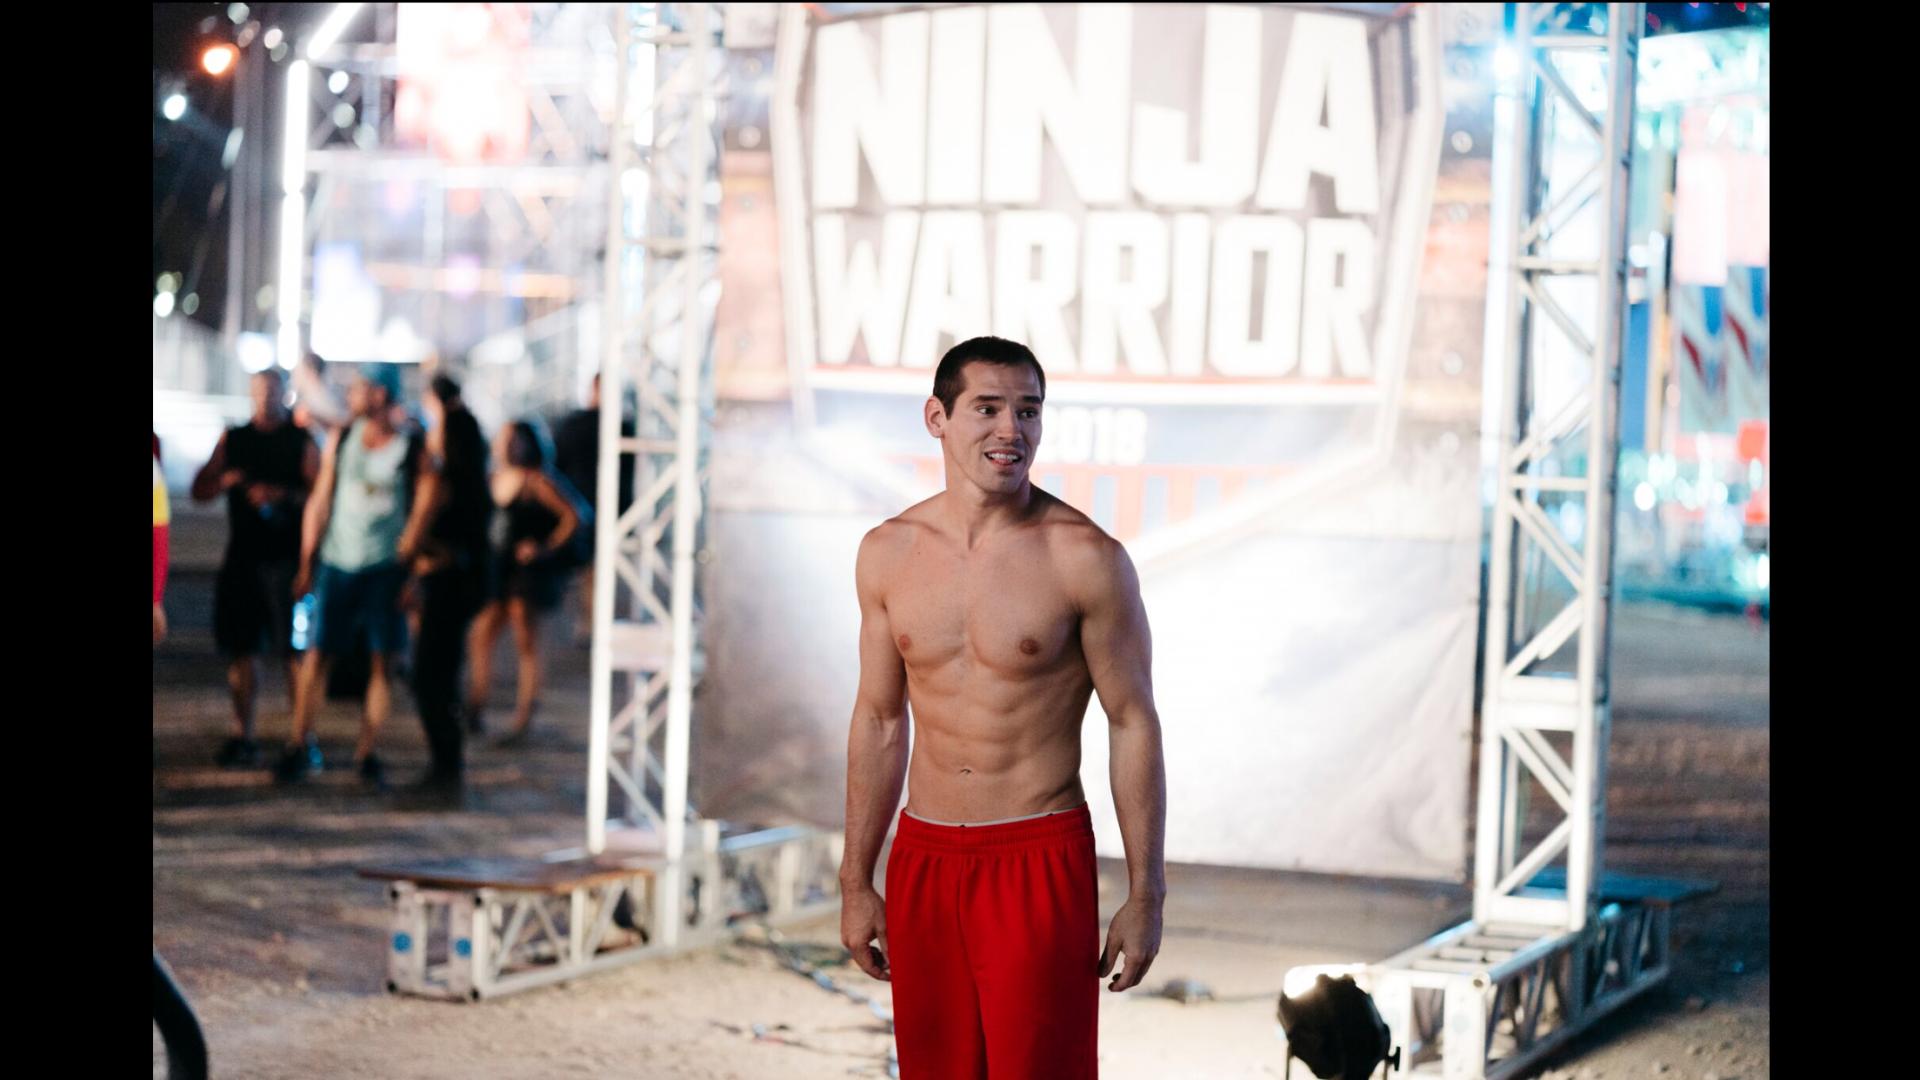 Casey Suchocki stands on platform with Ninja Warrior sign